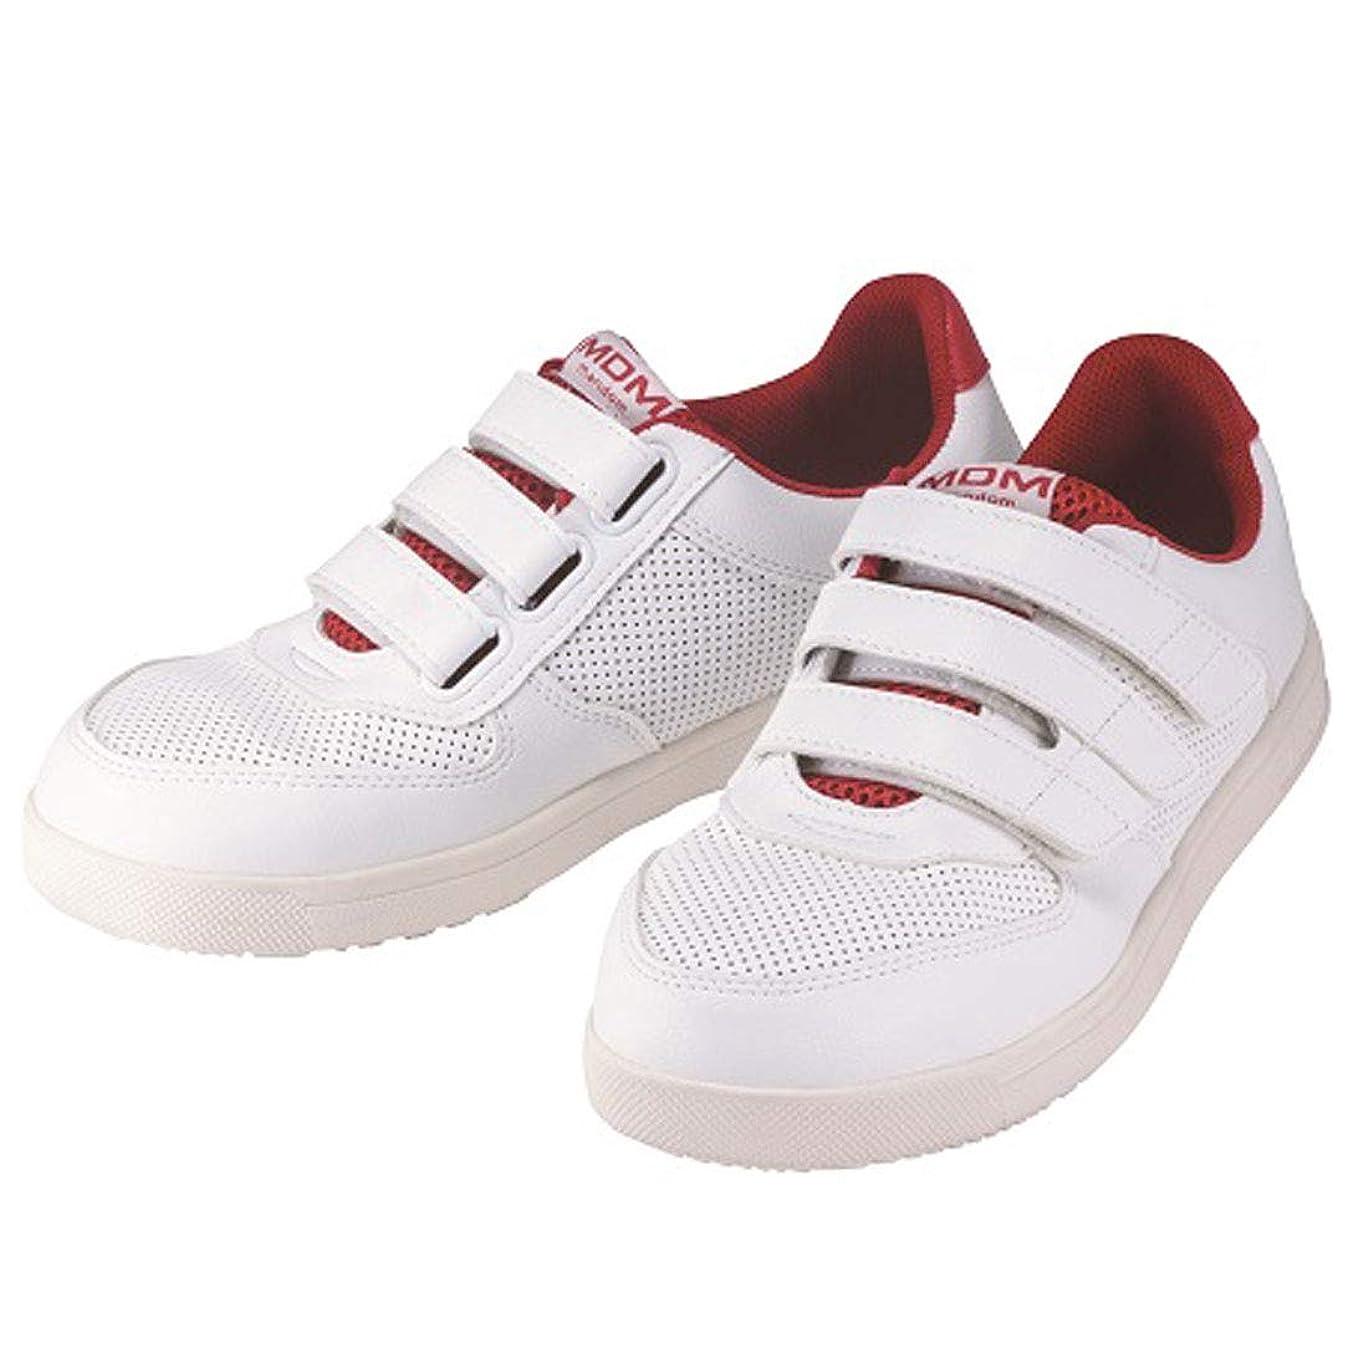 クリーナーメーター恐竜安全靴 スニーカー MDM-010 作業靴 マルゴ 安全シューズ 鋼製先芯 コートタイプ マジックテープ 白 ホワイト 工場 耐油 滑りにくい 3E 幅広 男性 メンズ 女性 レディース 靴 シューズ